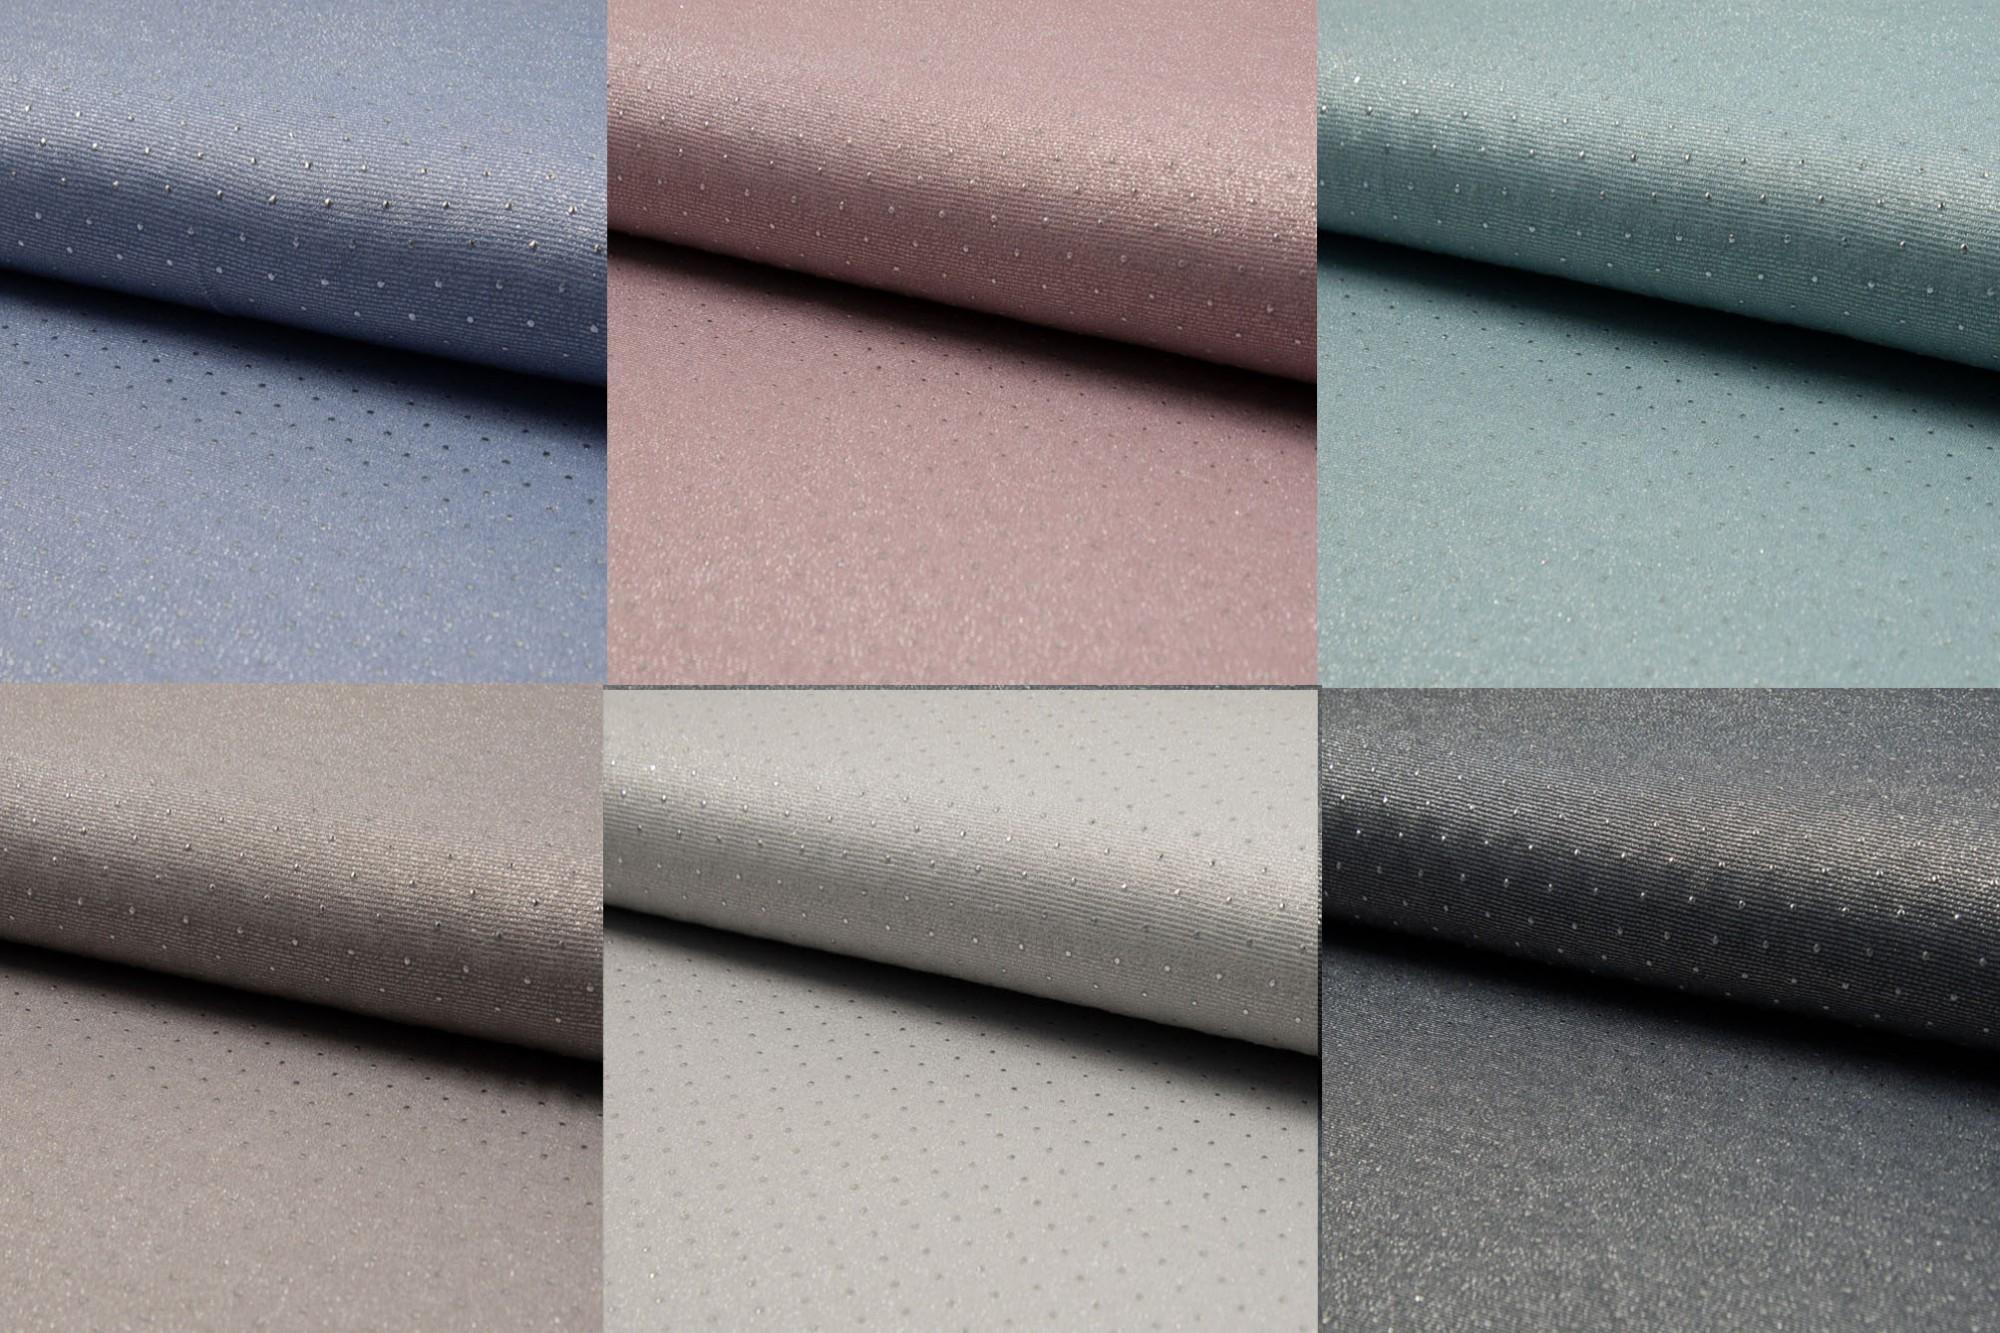 Glänzender Jersey Mit Punkten In Taupe, Altrosa, Silber Grau, Mint, Jeans  Oder Grau